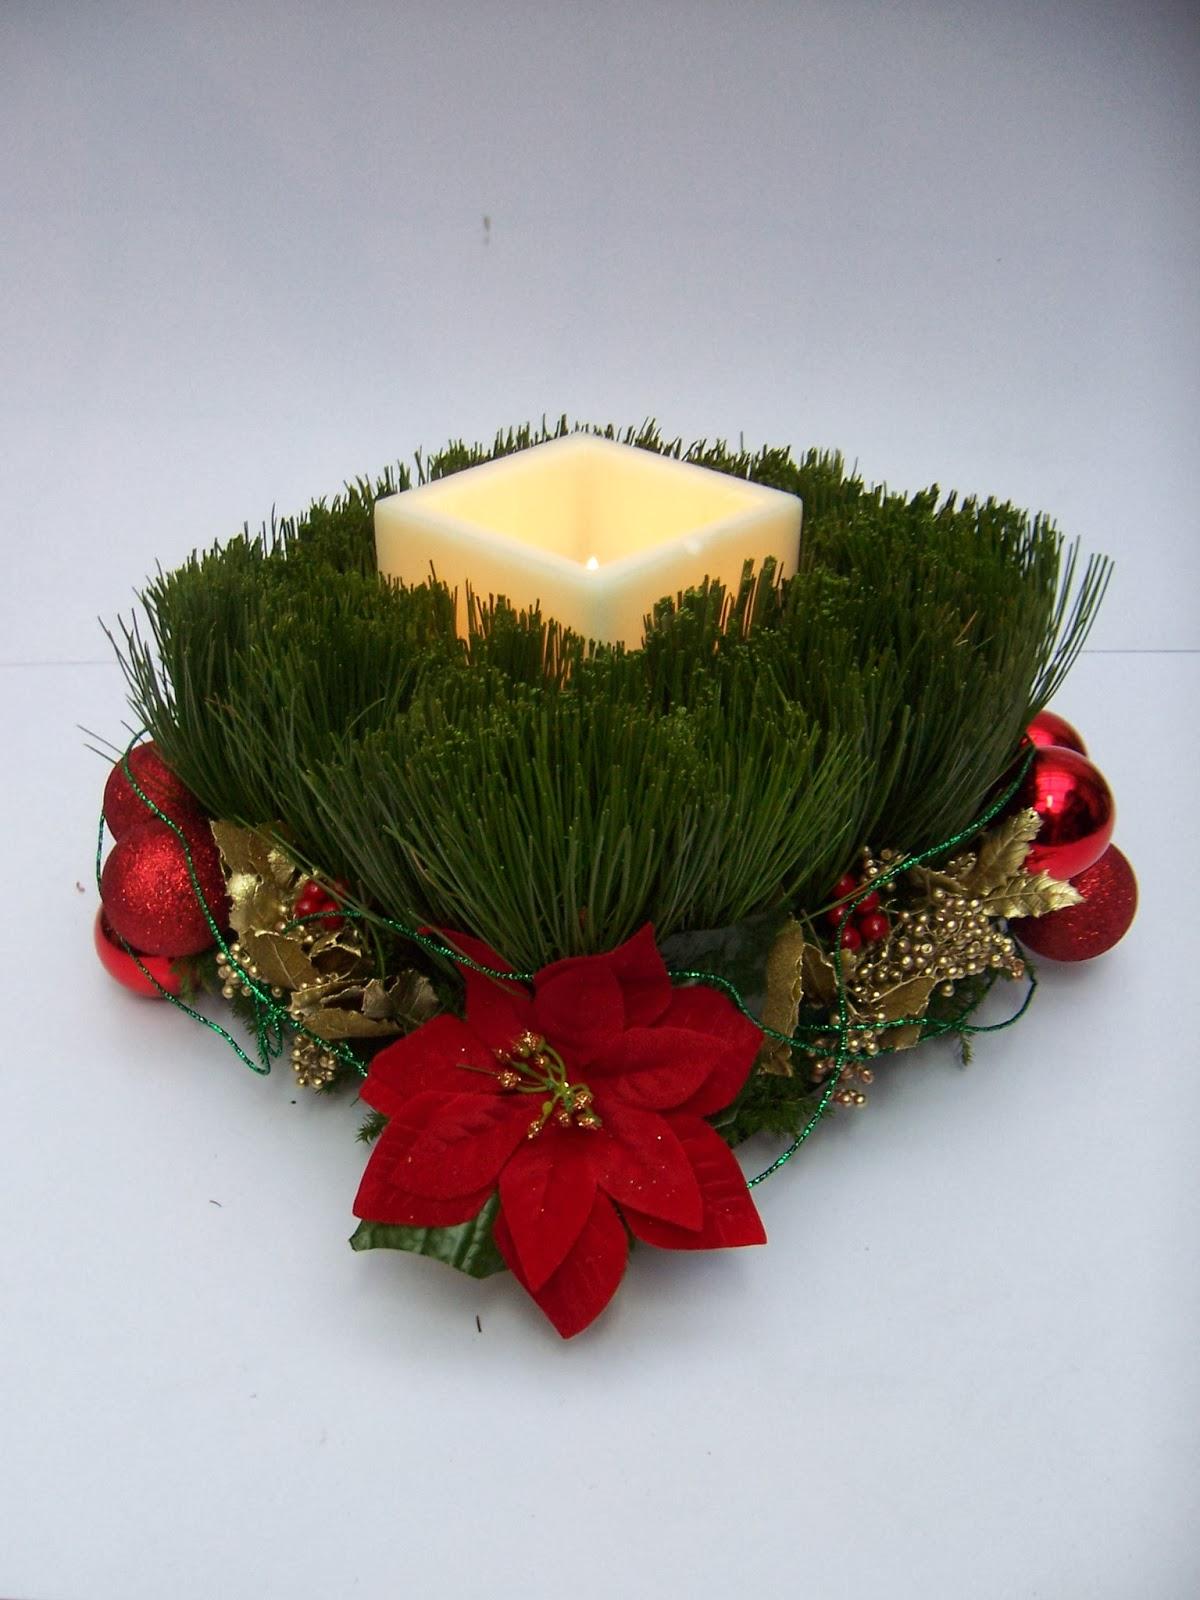 Centro de mesa con esferas rojas y verdes y velas en - Centros de navidad originales ...